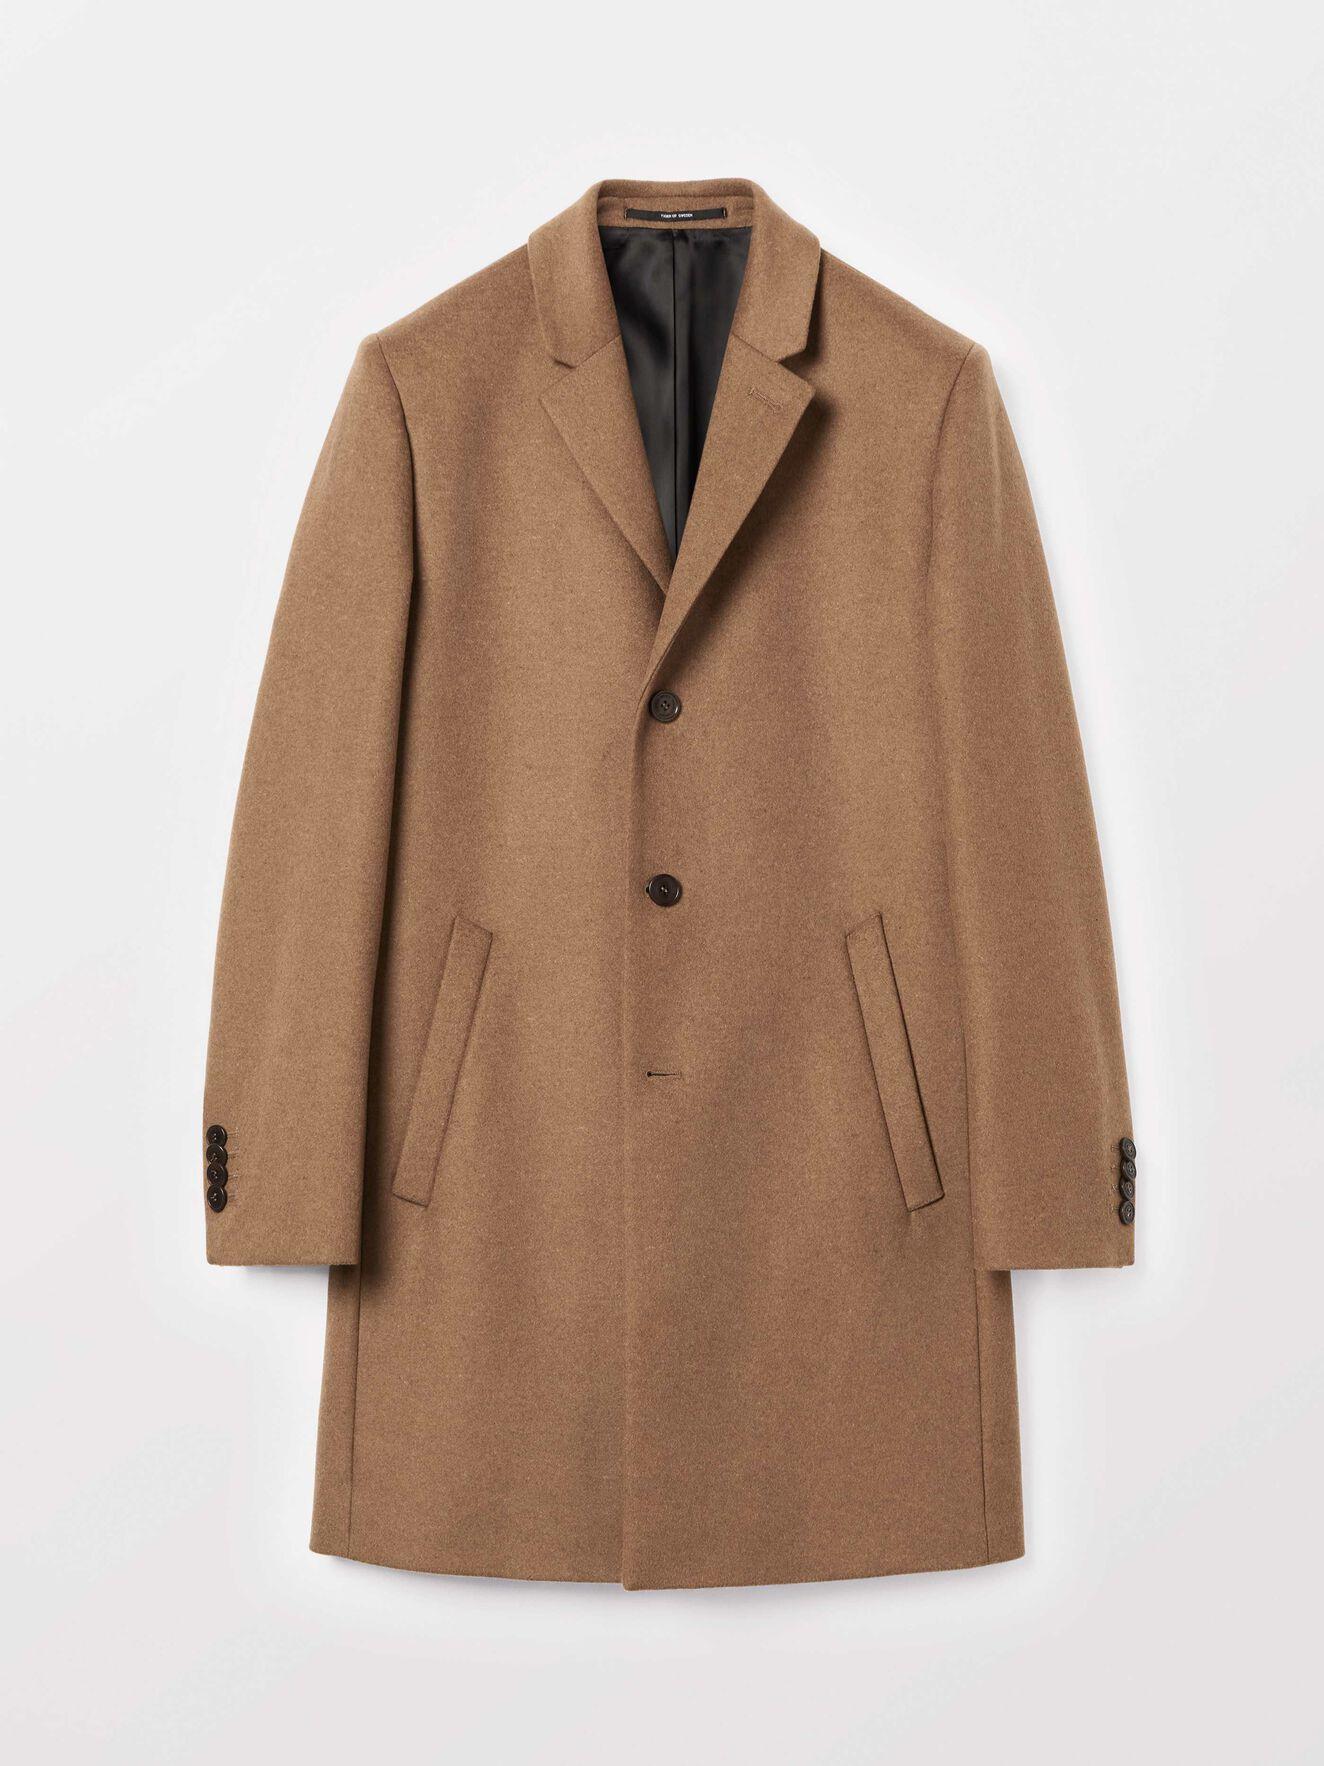 Dempsey coat in Dark Honey from Tiger of Sweden